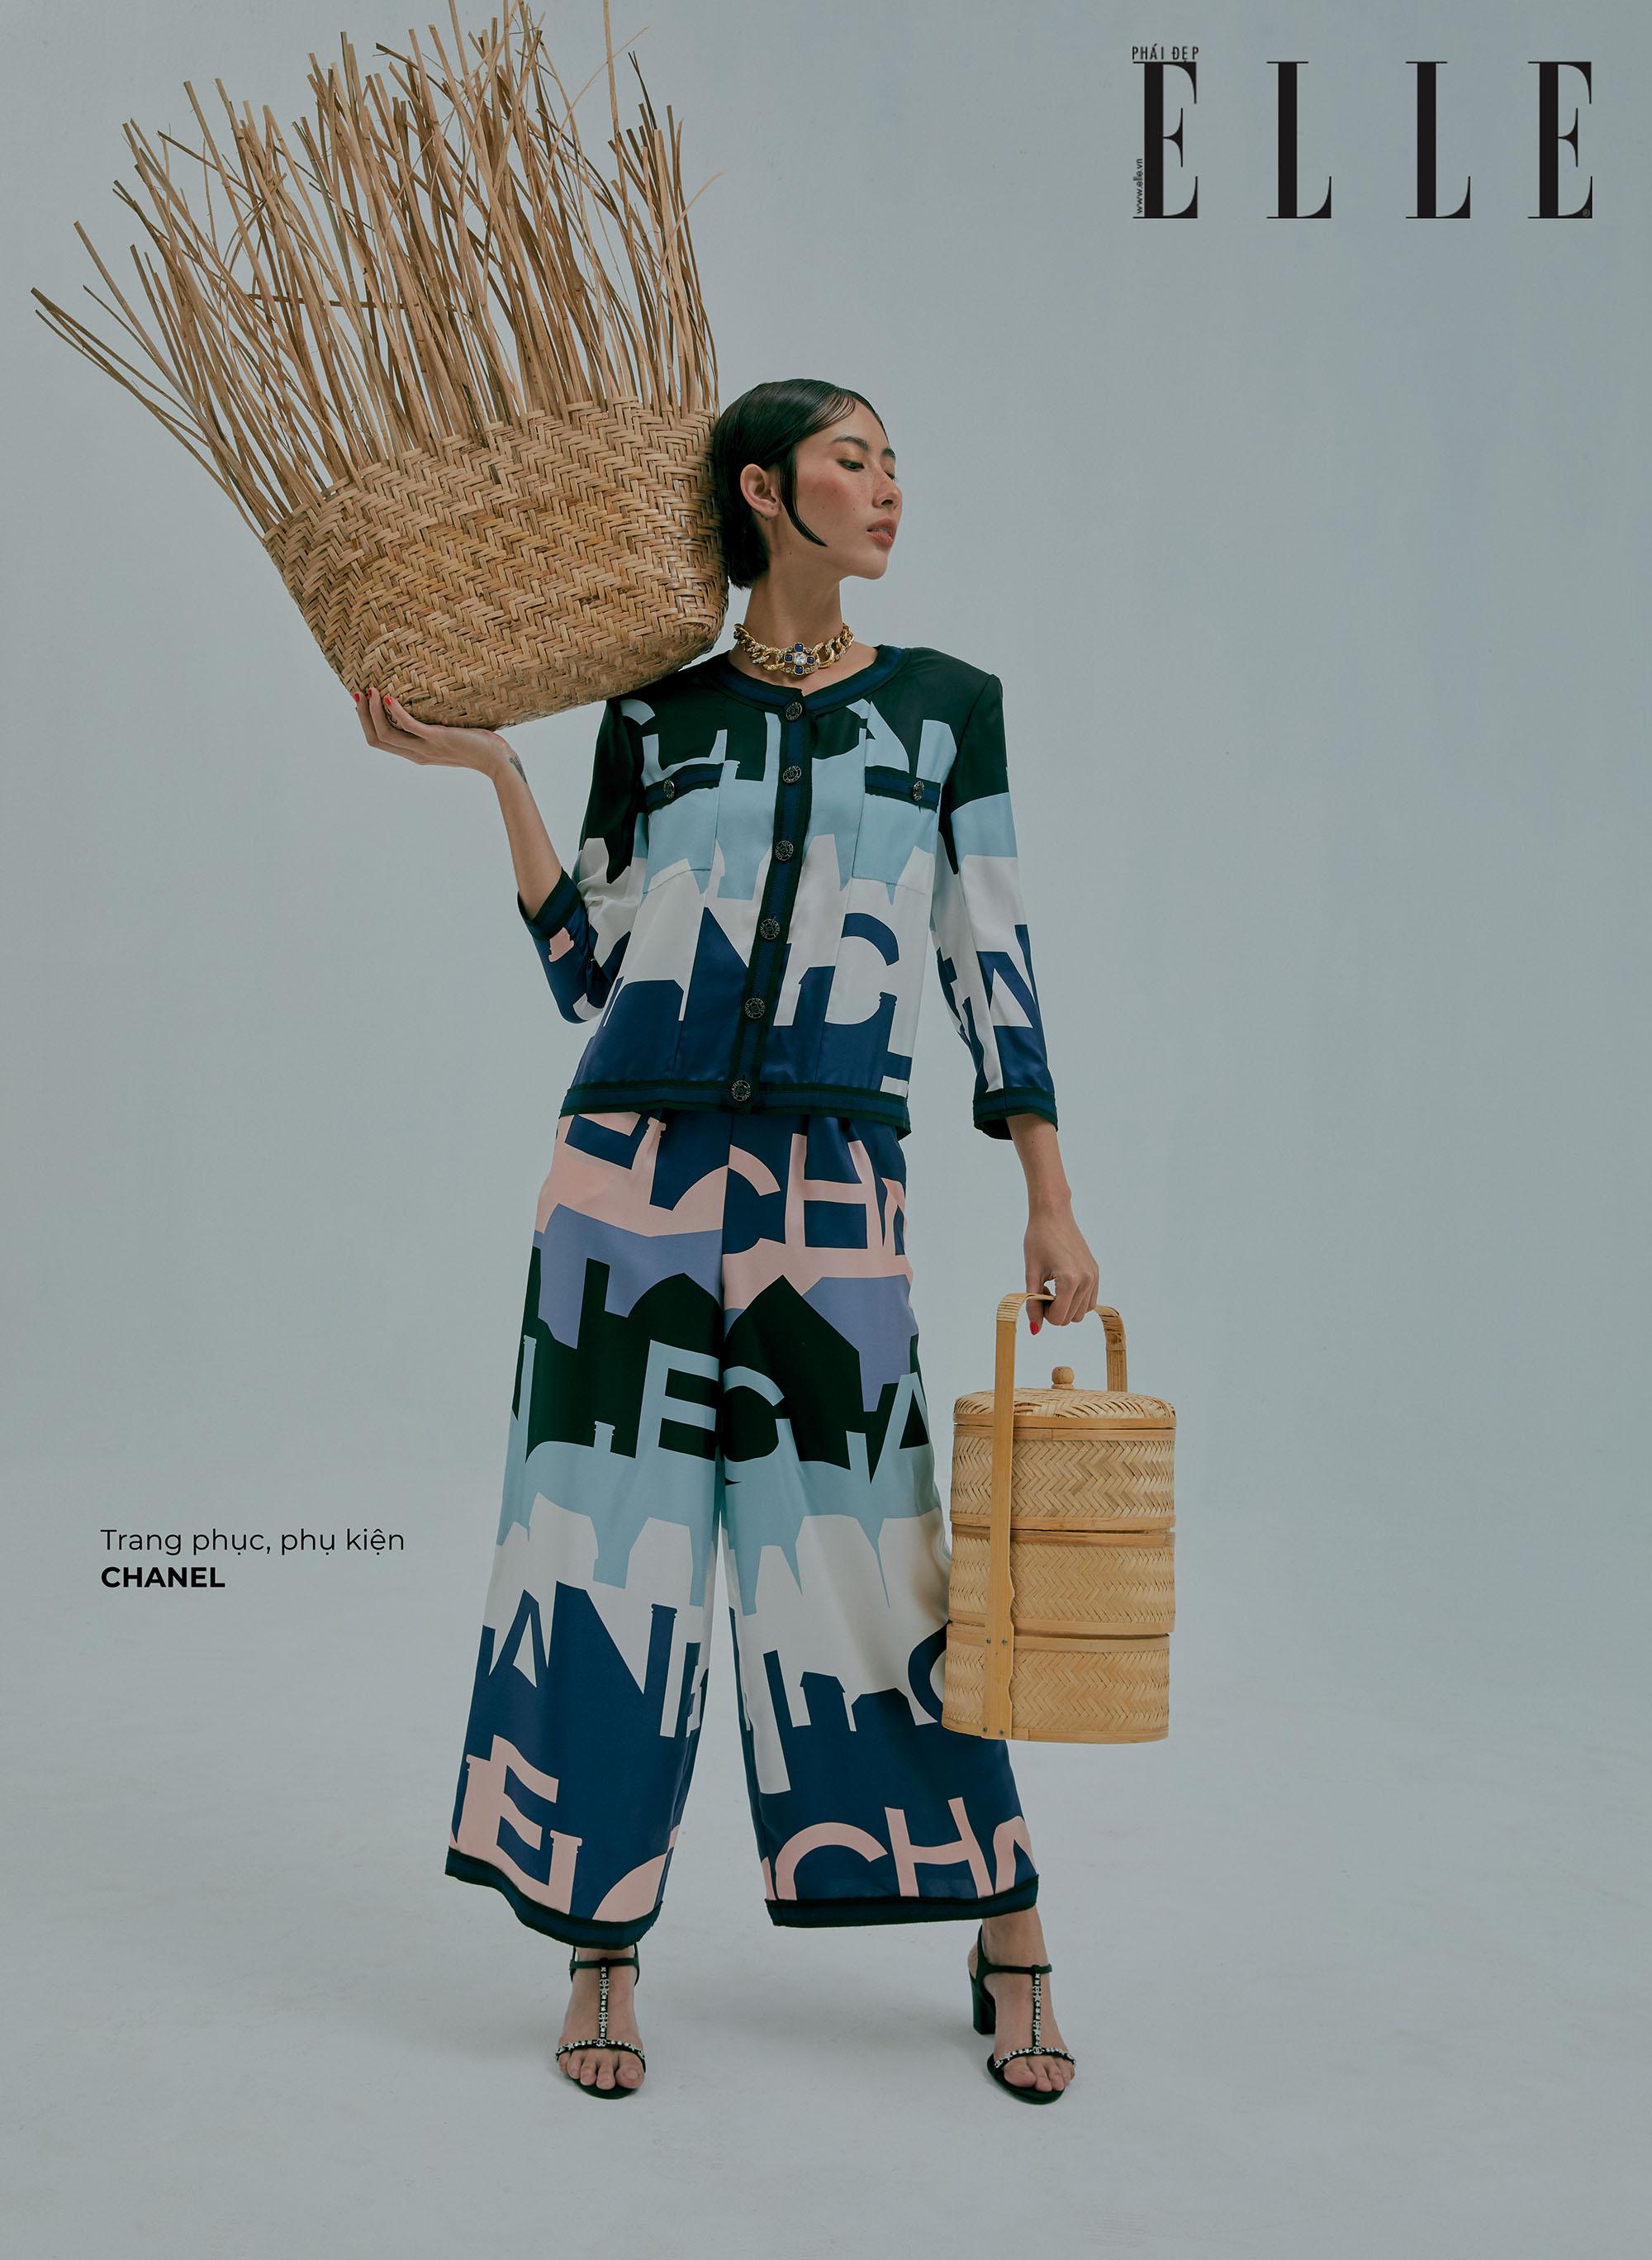 bộ ảnh thời trang trang phục Chanel